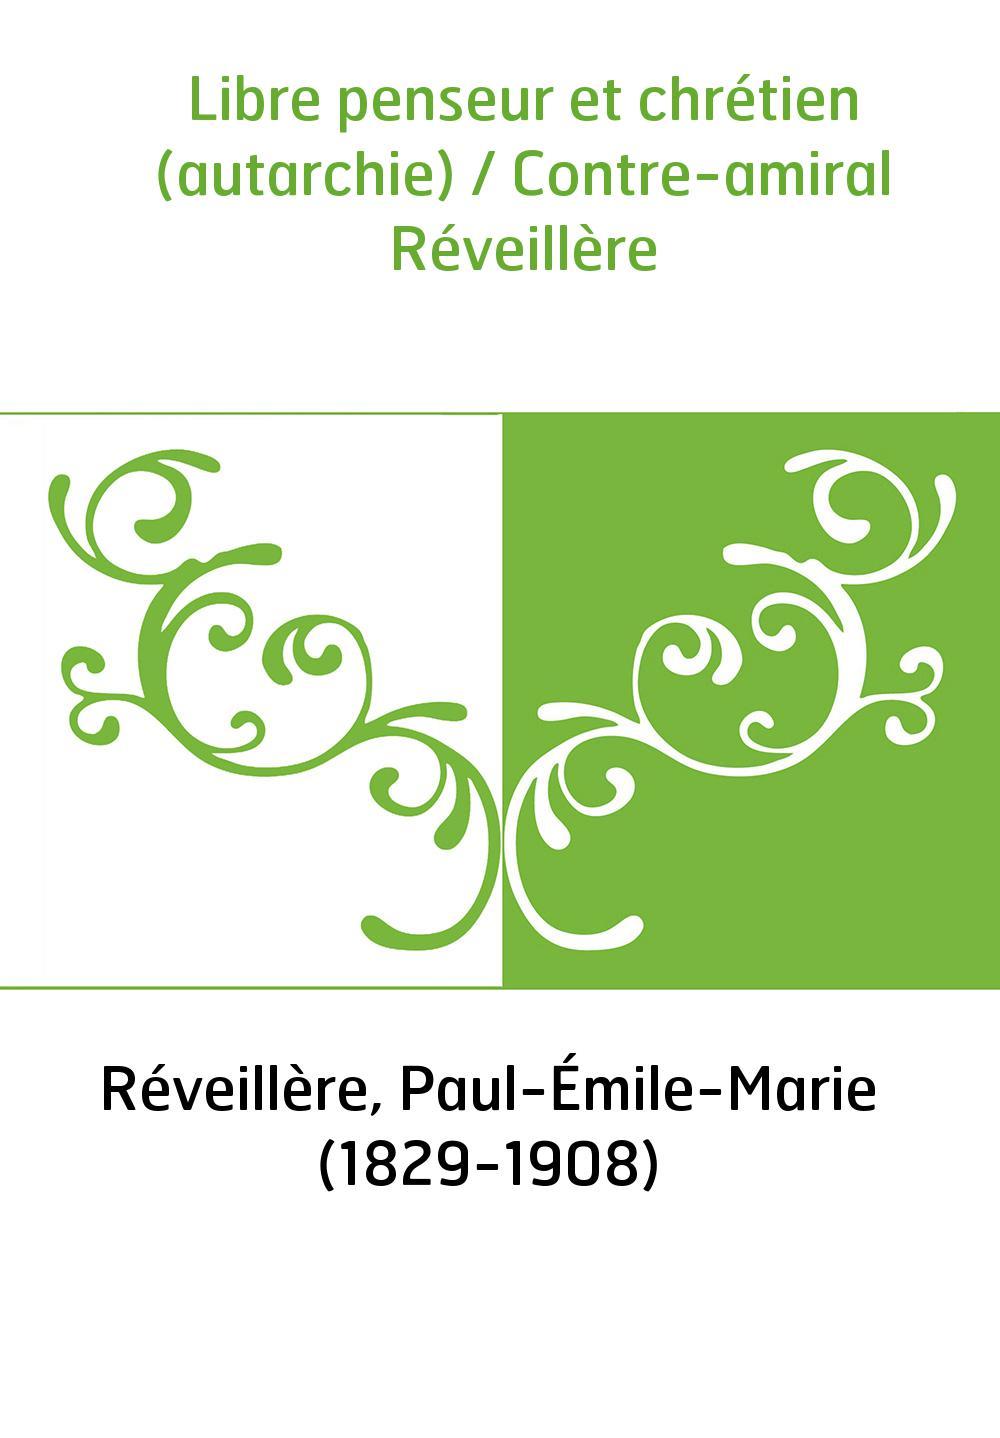 Libre penseur et chrétien (autarchie) / Contre-amiral Réveillère